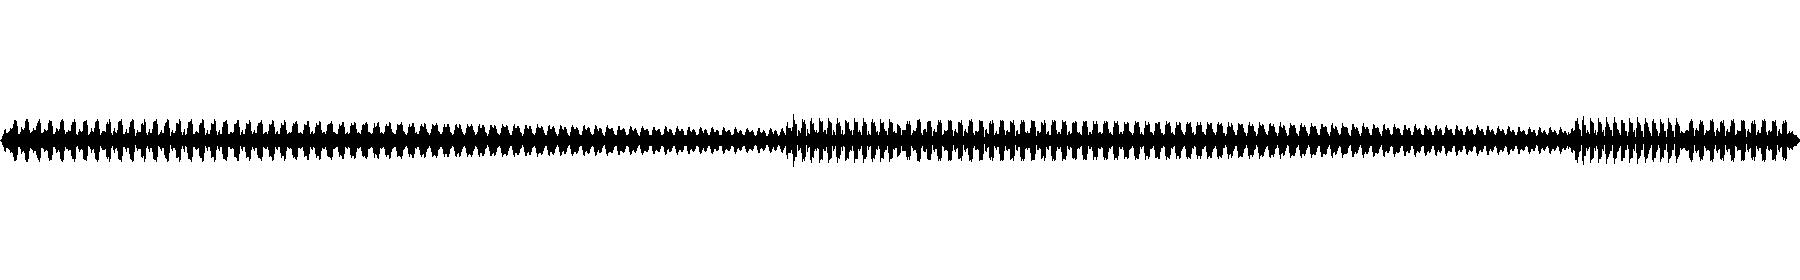 sega genesis bass